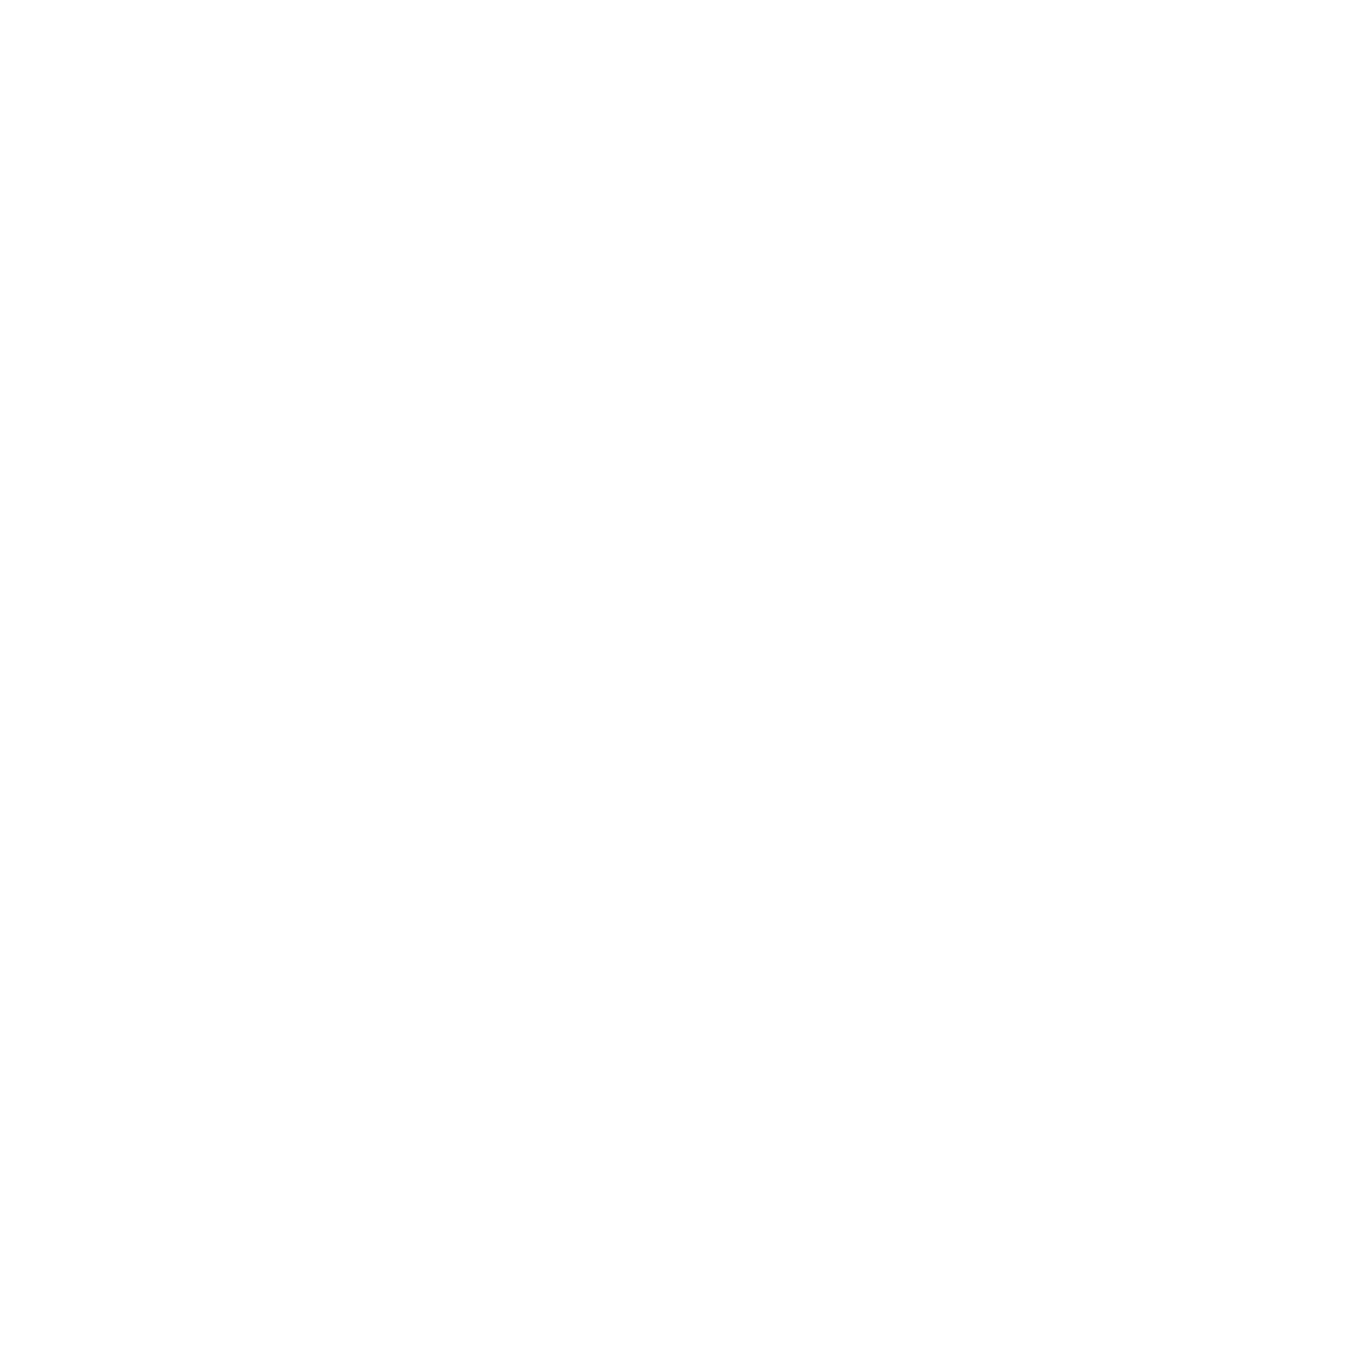 audix.png